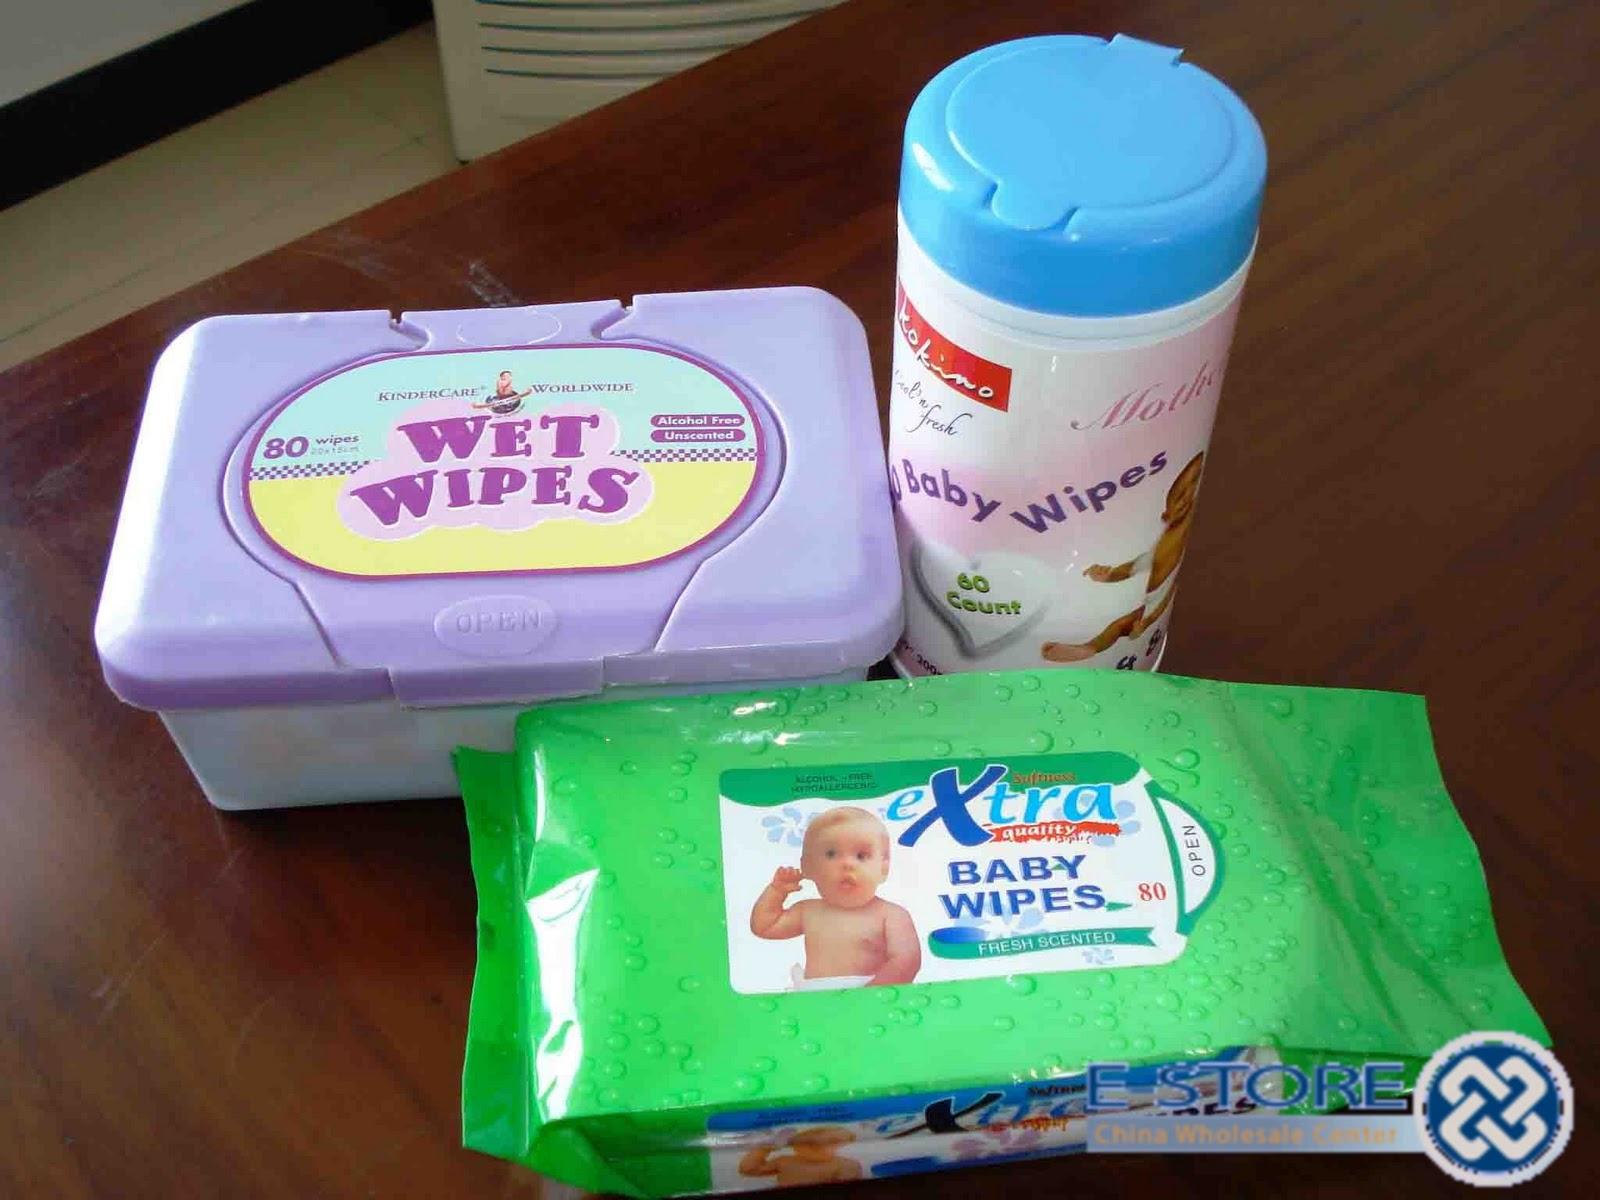 http://1.bp.blogspot.com/_LmKPANXMX2w/TPlE00VHn_I/AAAAAAAABgU/A8YQ3rqSljg/s1600/wet-wipes-fbw-540-310.jpg